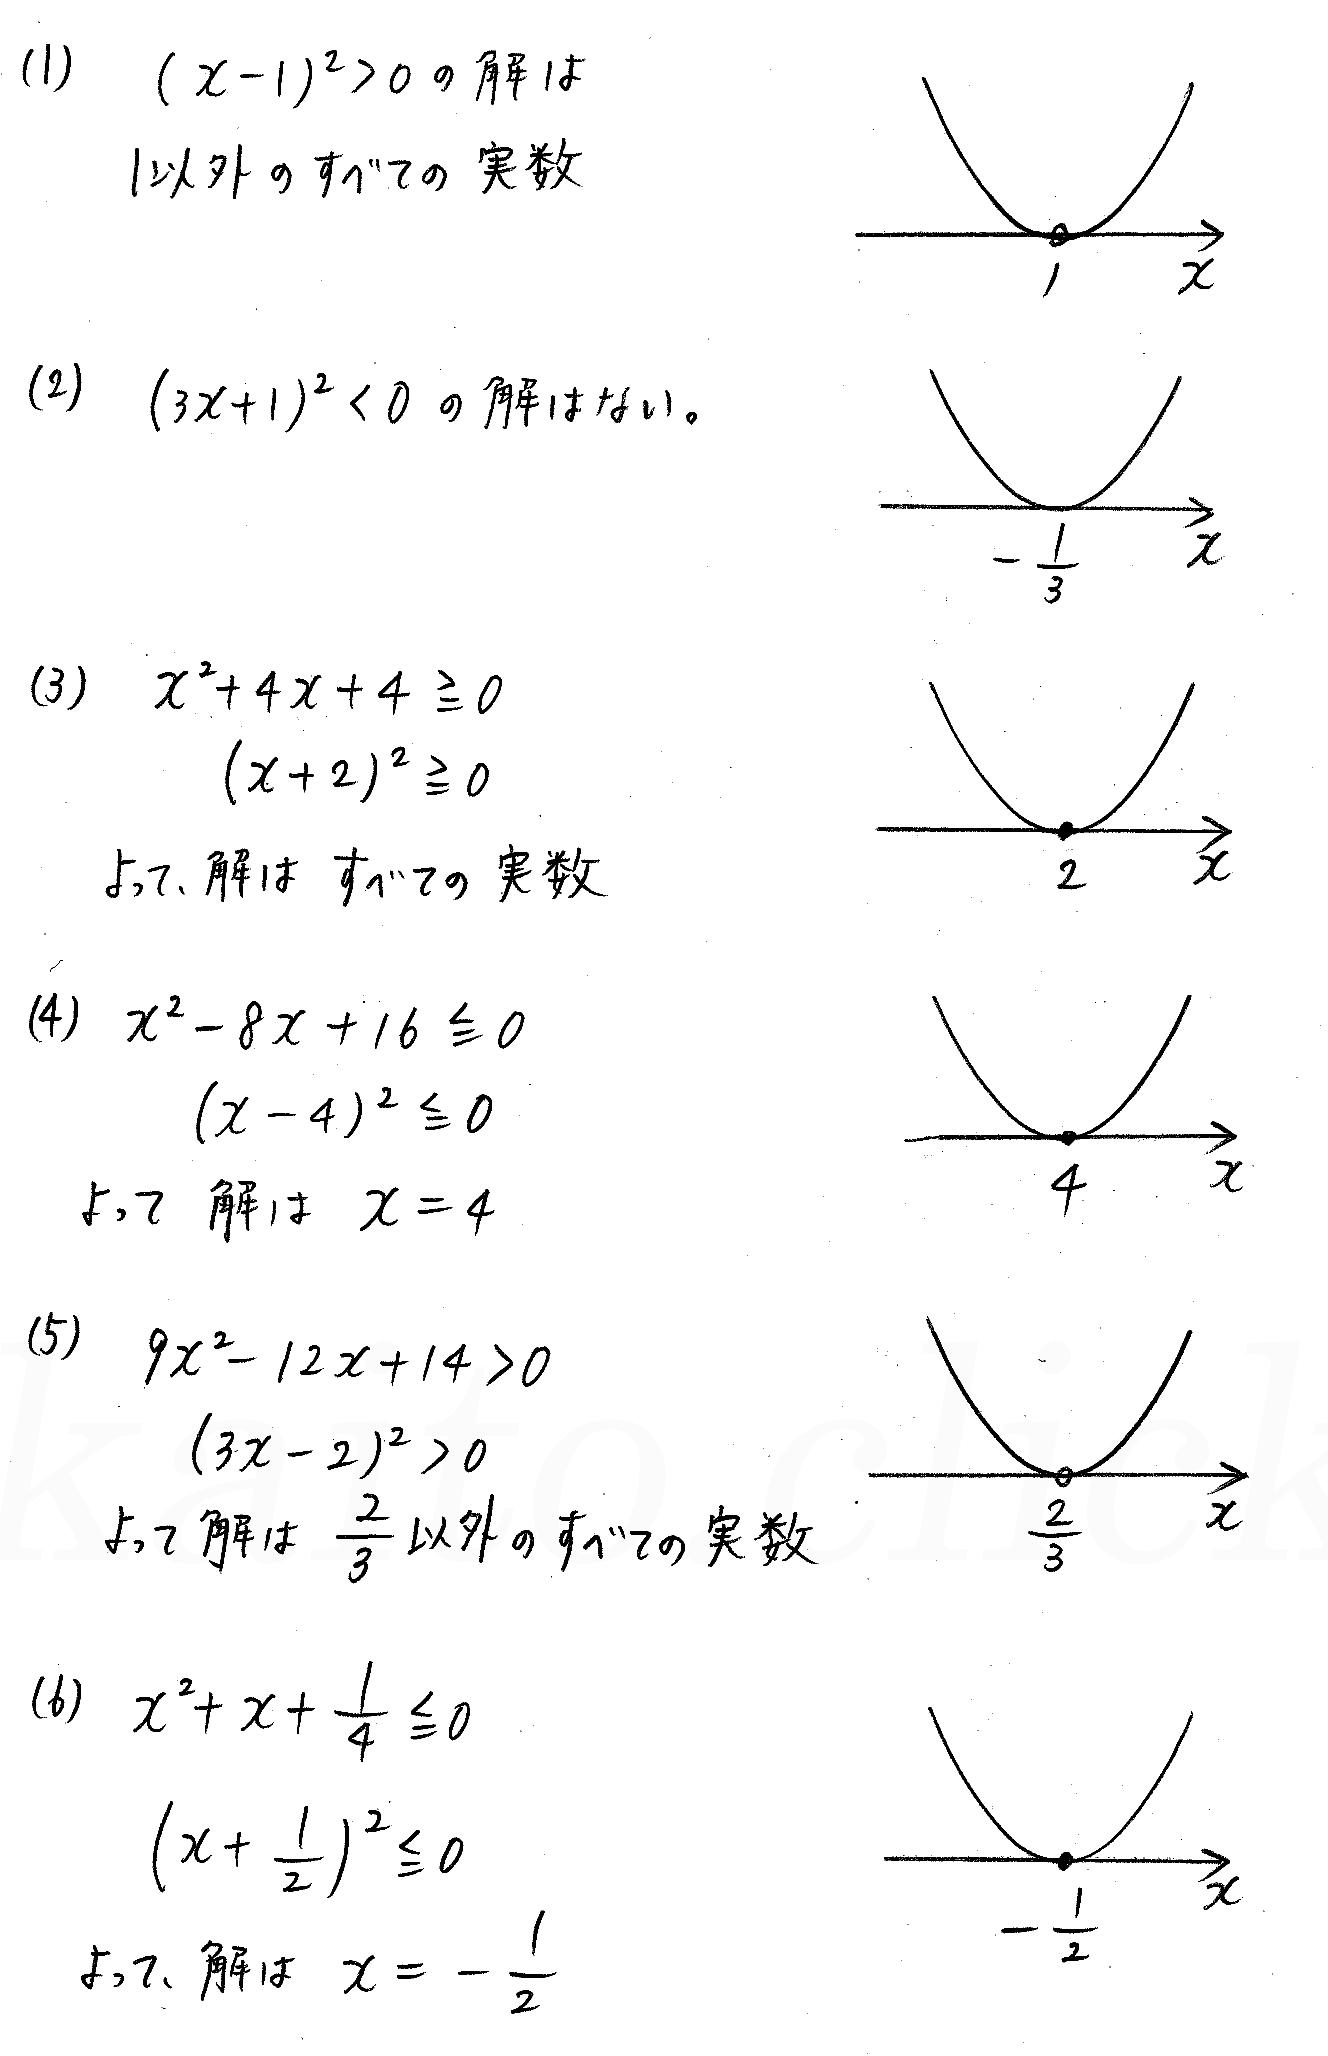 クリアー数学1-227解答